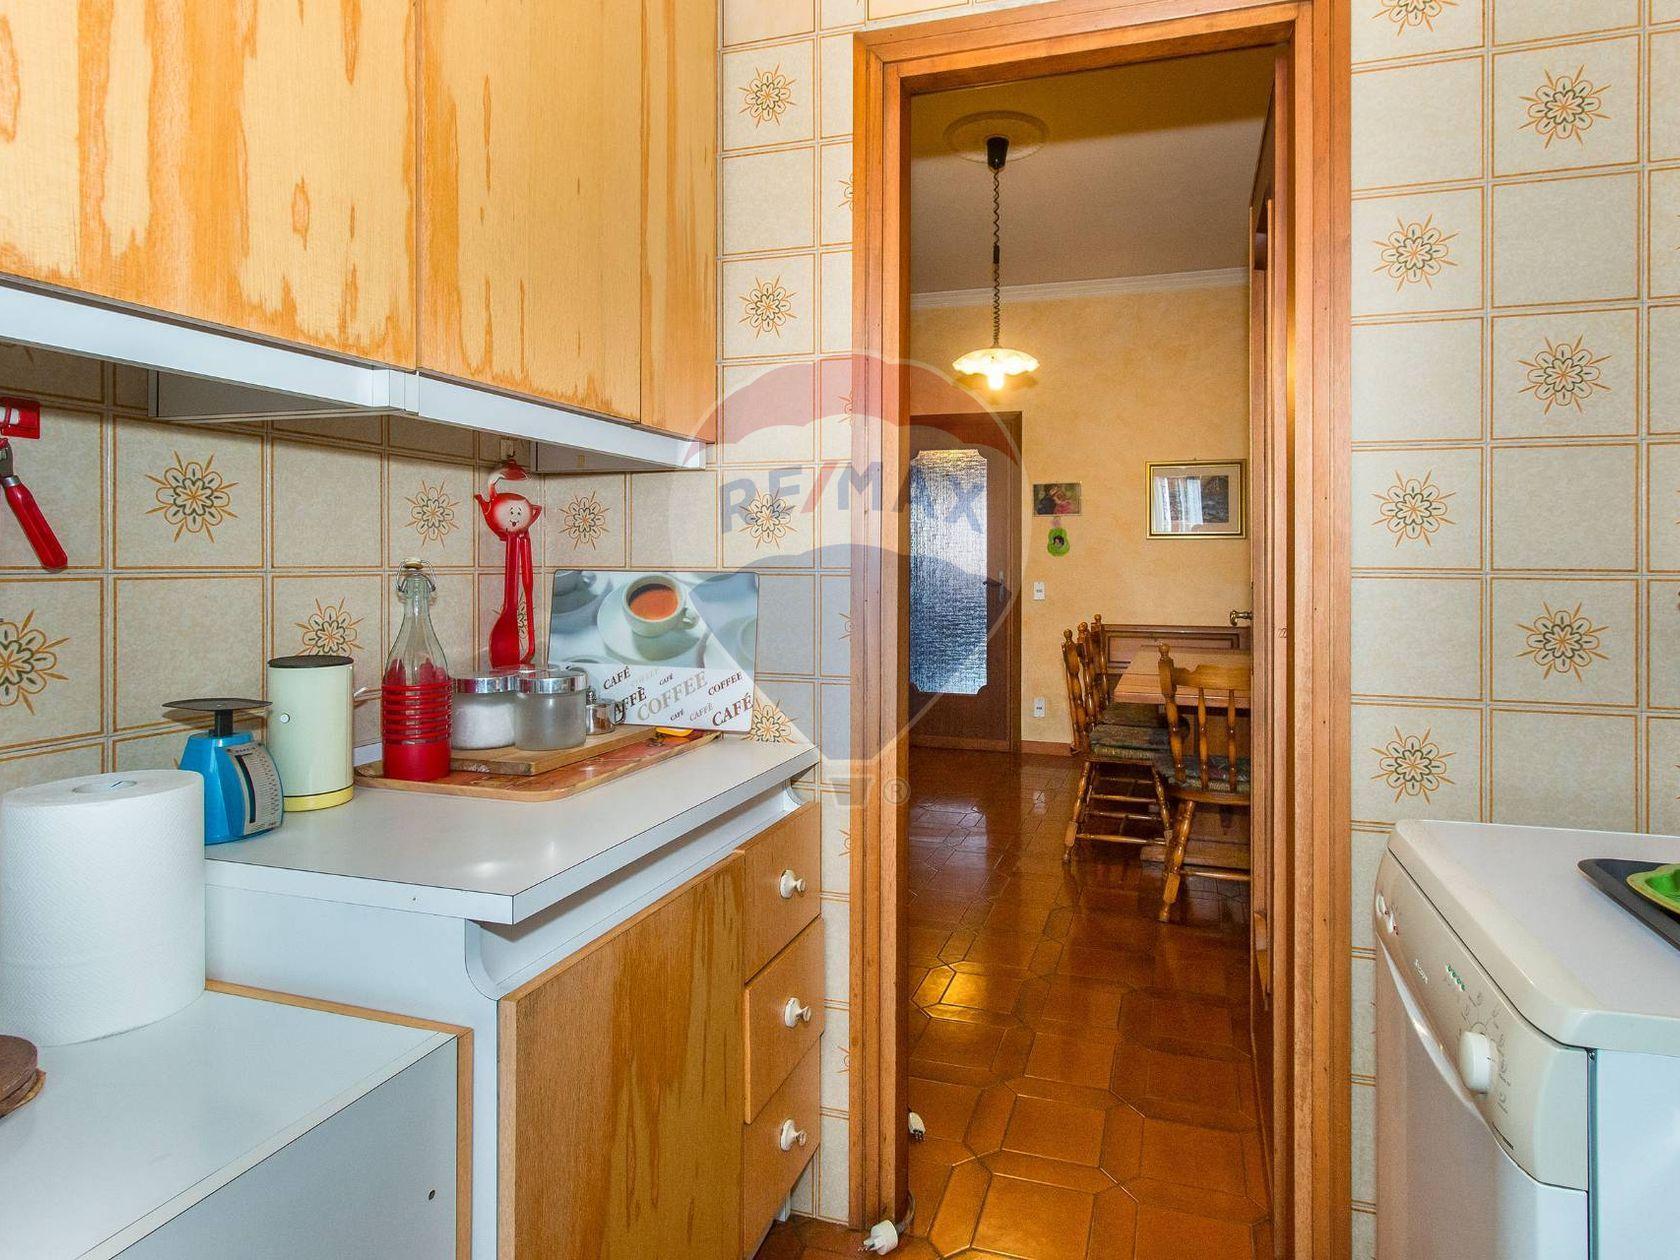 Appartamento San Pietro, Moncalieri, TO Vendita - Foto 21